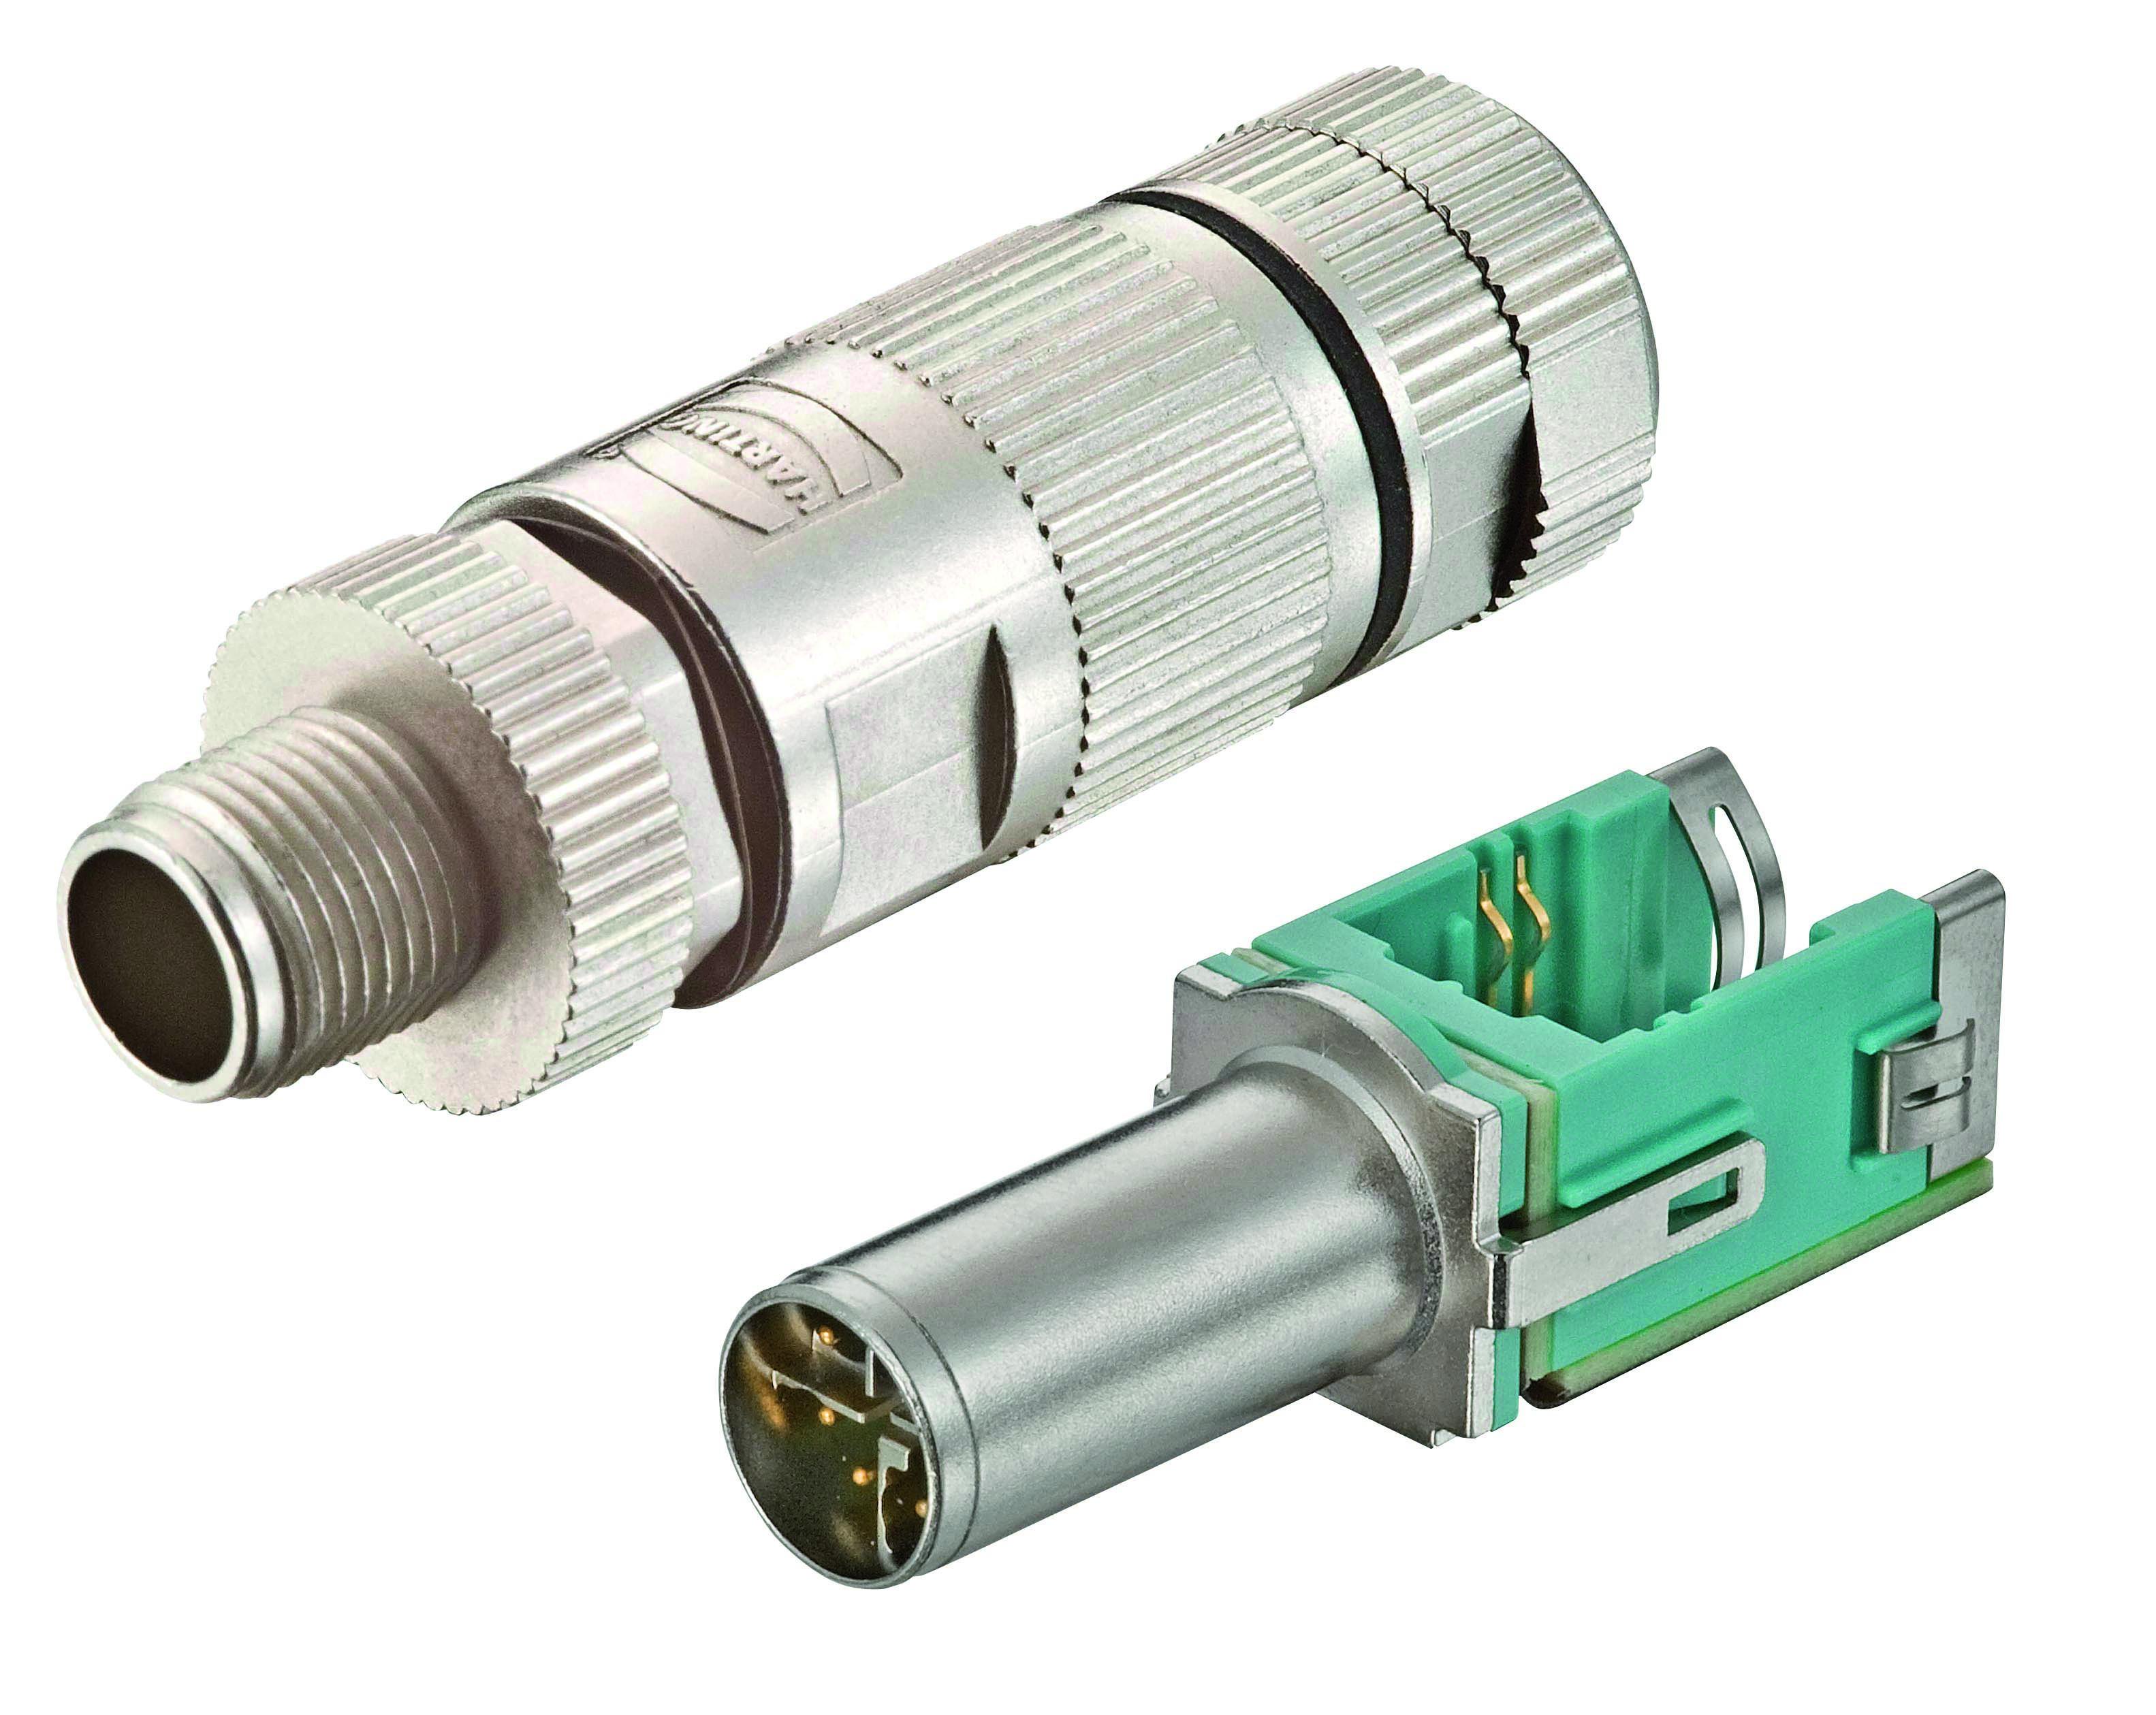 1 Stk WireXpert - M12 X-coded Stecker für preLink® System Cat.6a HMSWXZC04-